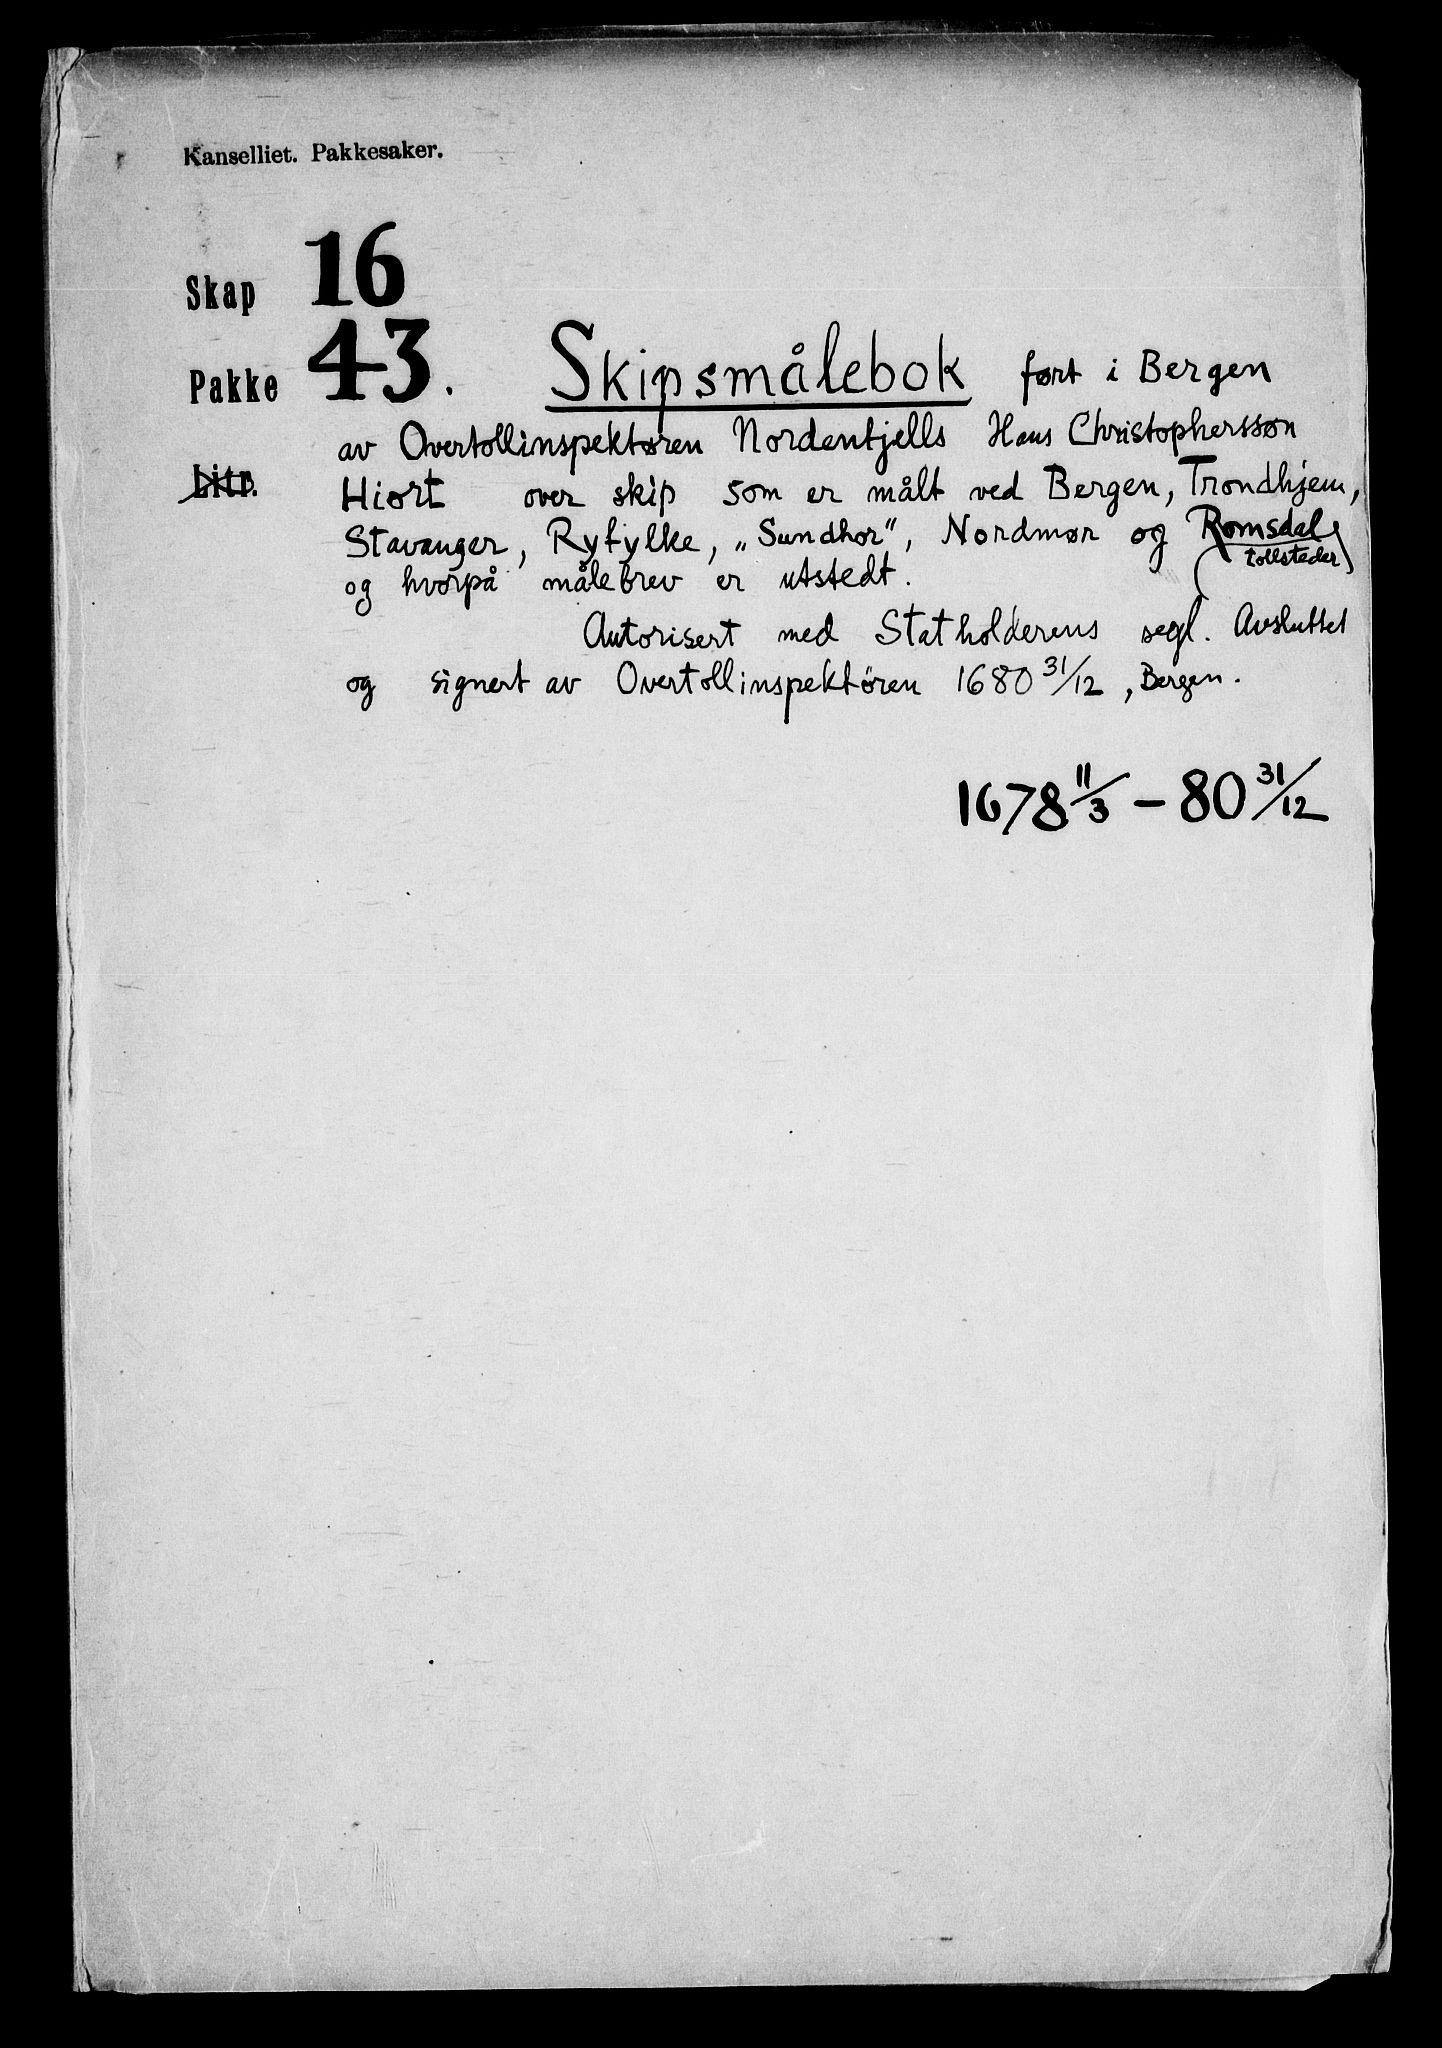 RA, Danske Kanselli, Skapsaker, F/L0116: Skap 16, pakke 42-47, 1625-1717, p. 2